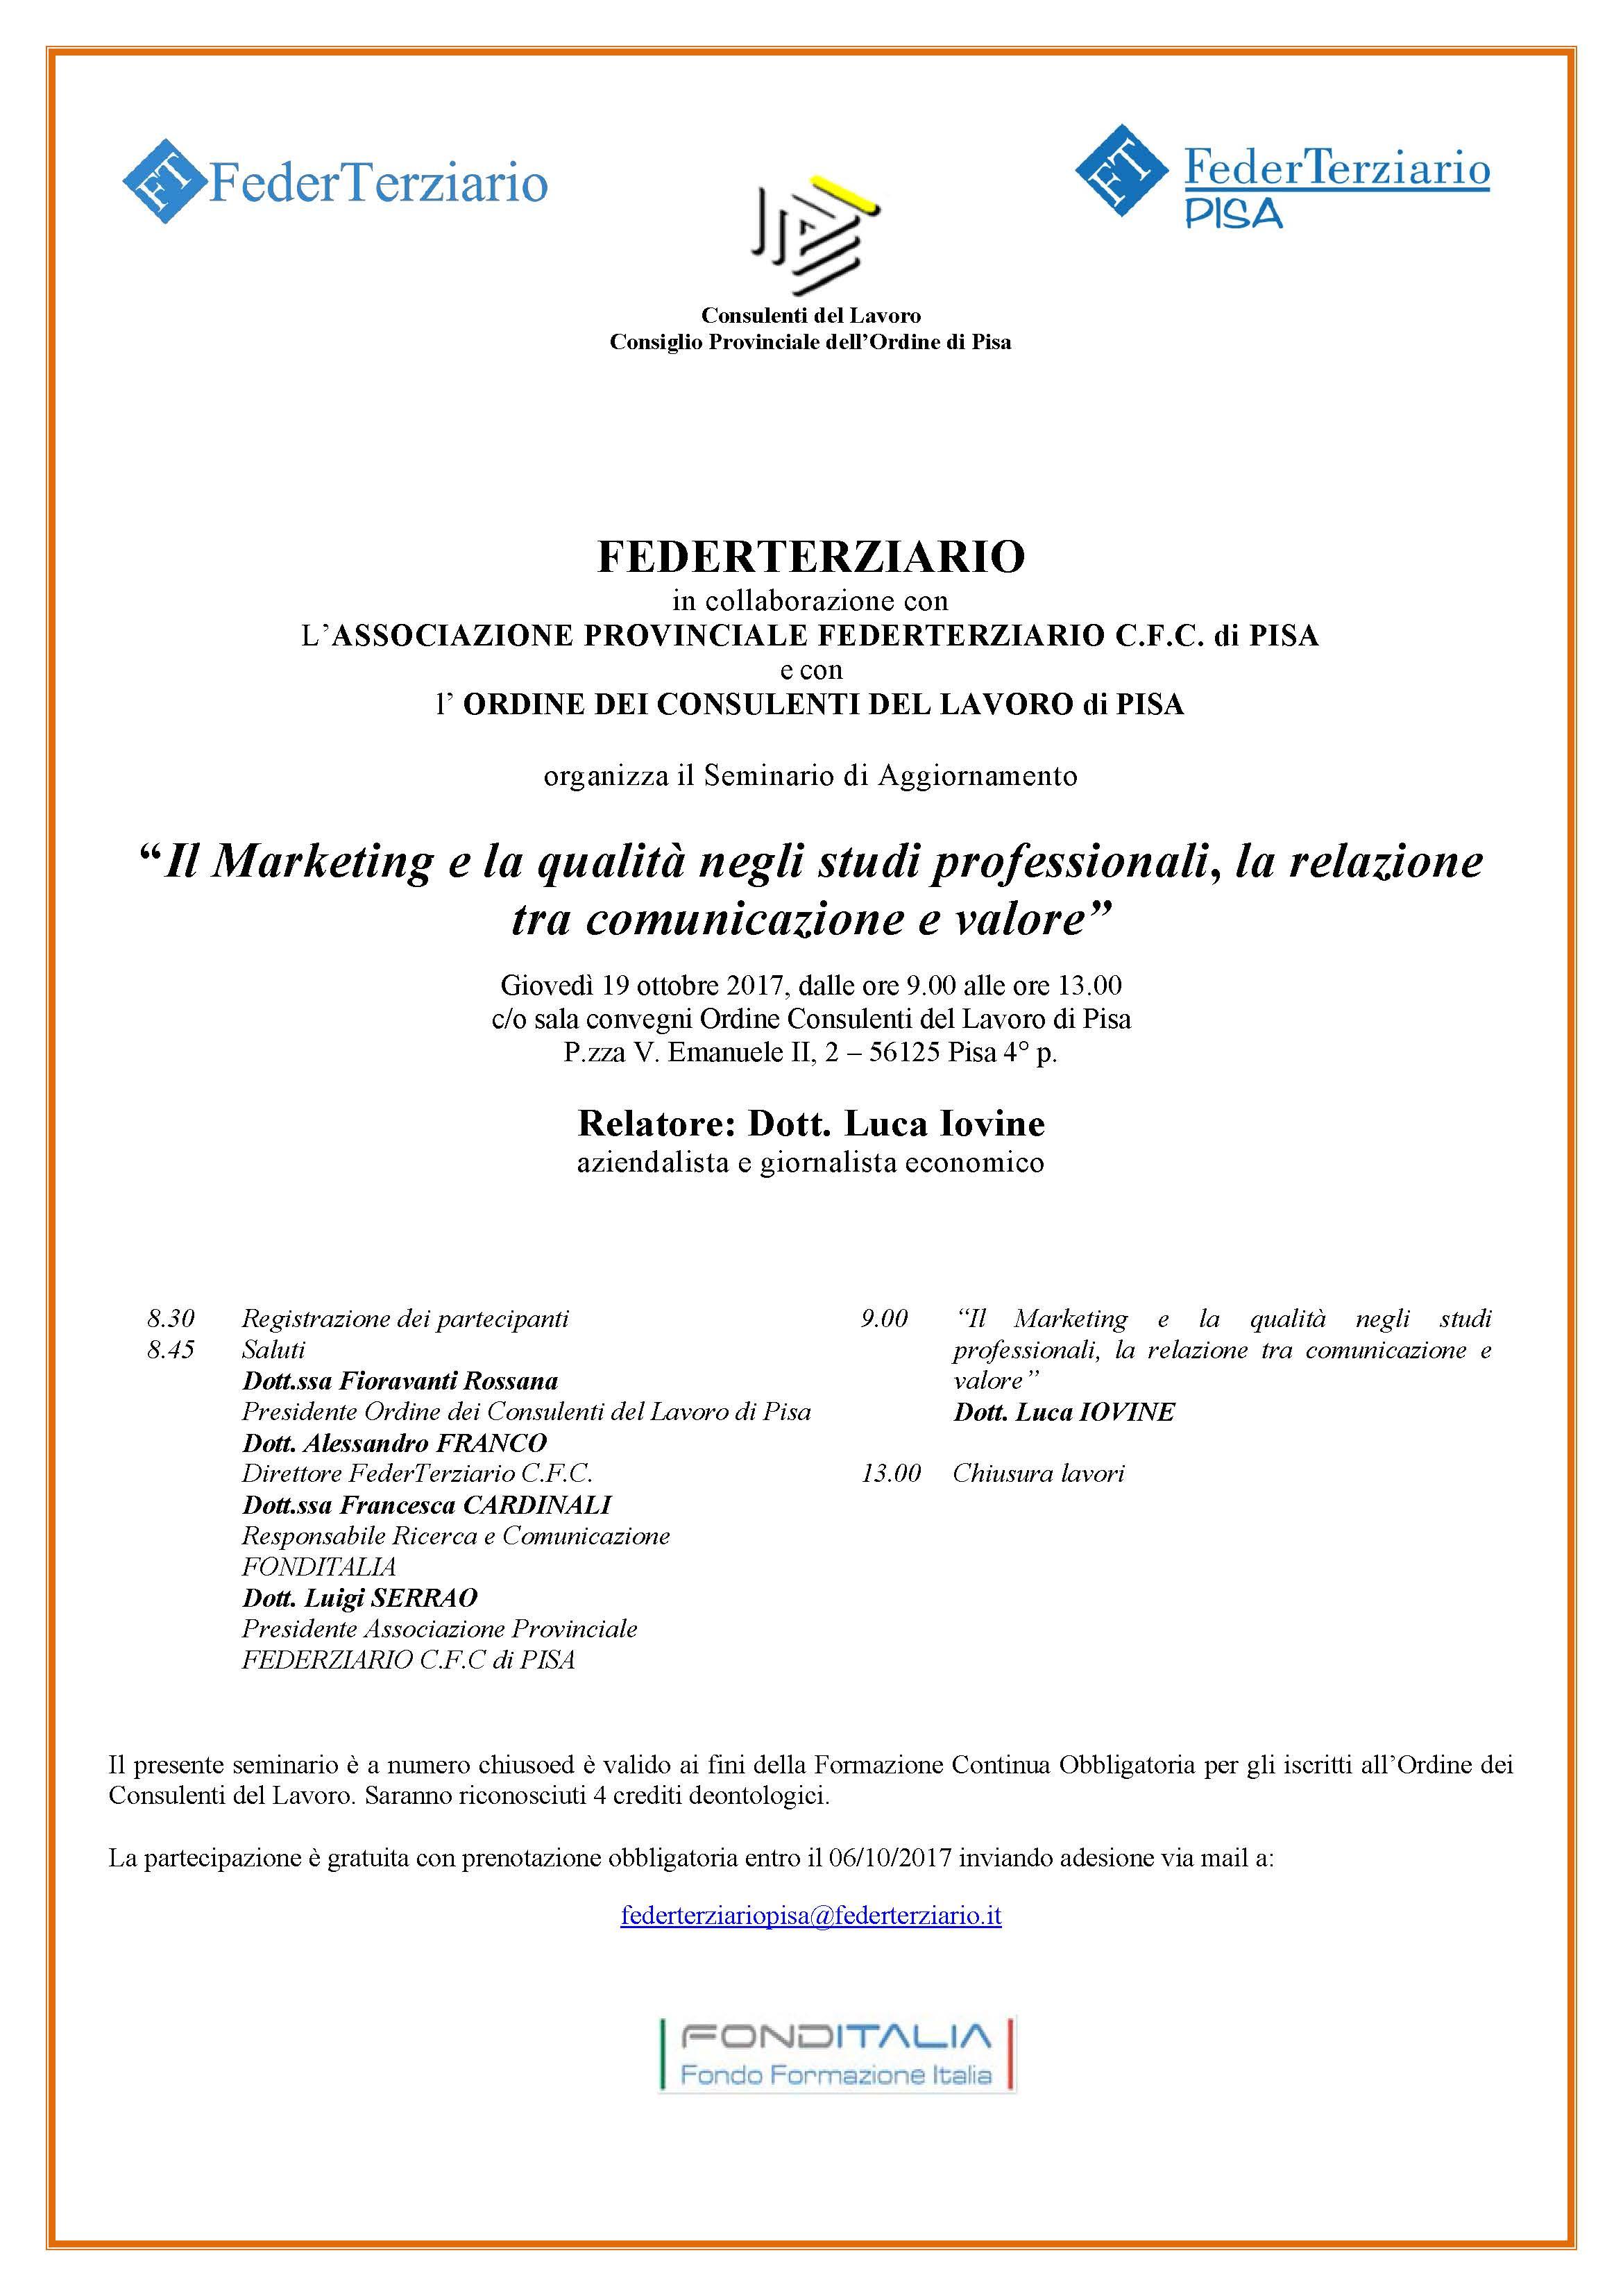 Locandina Pisa 19_10_17